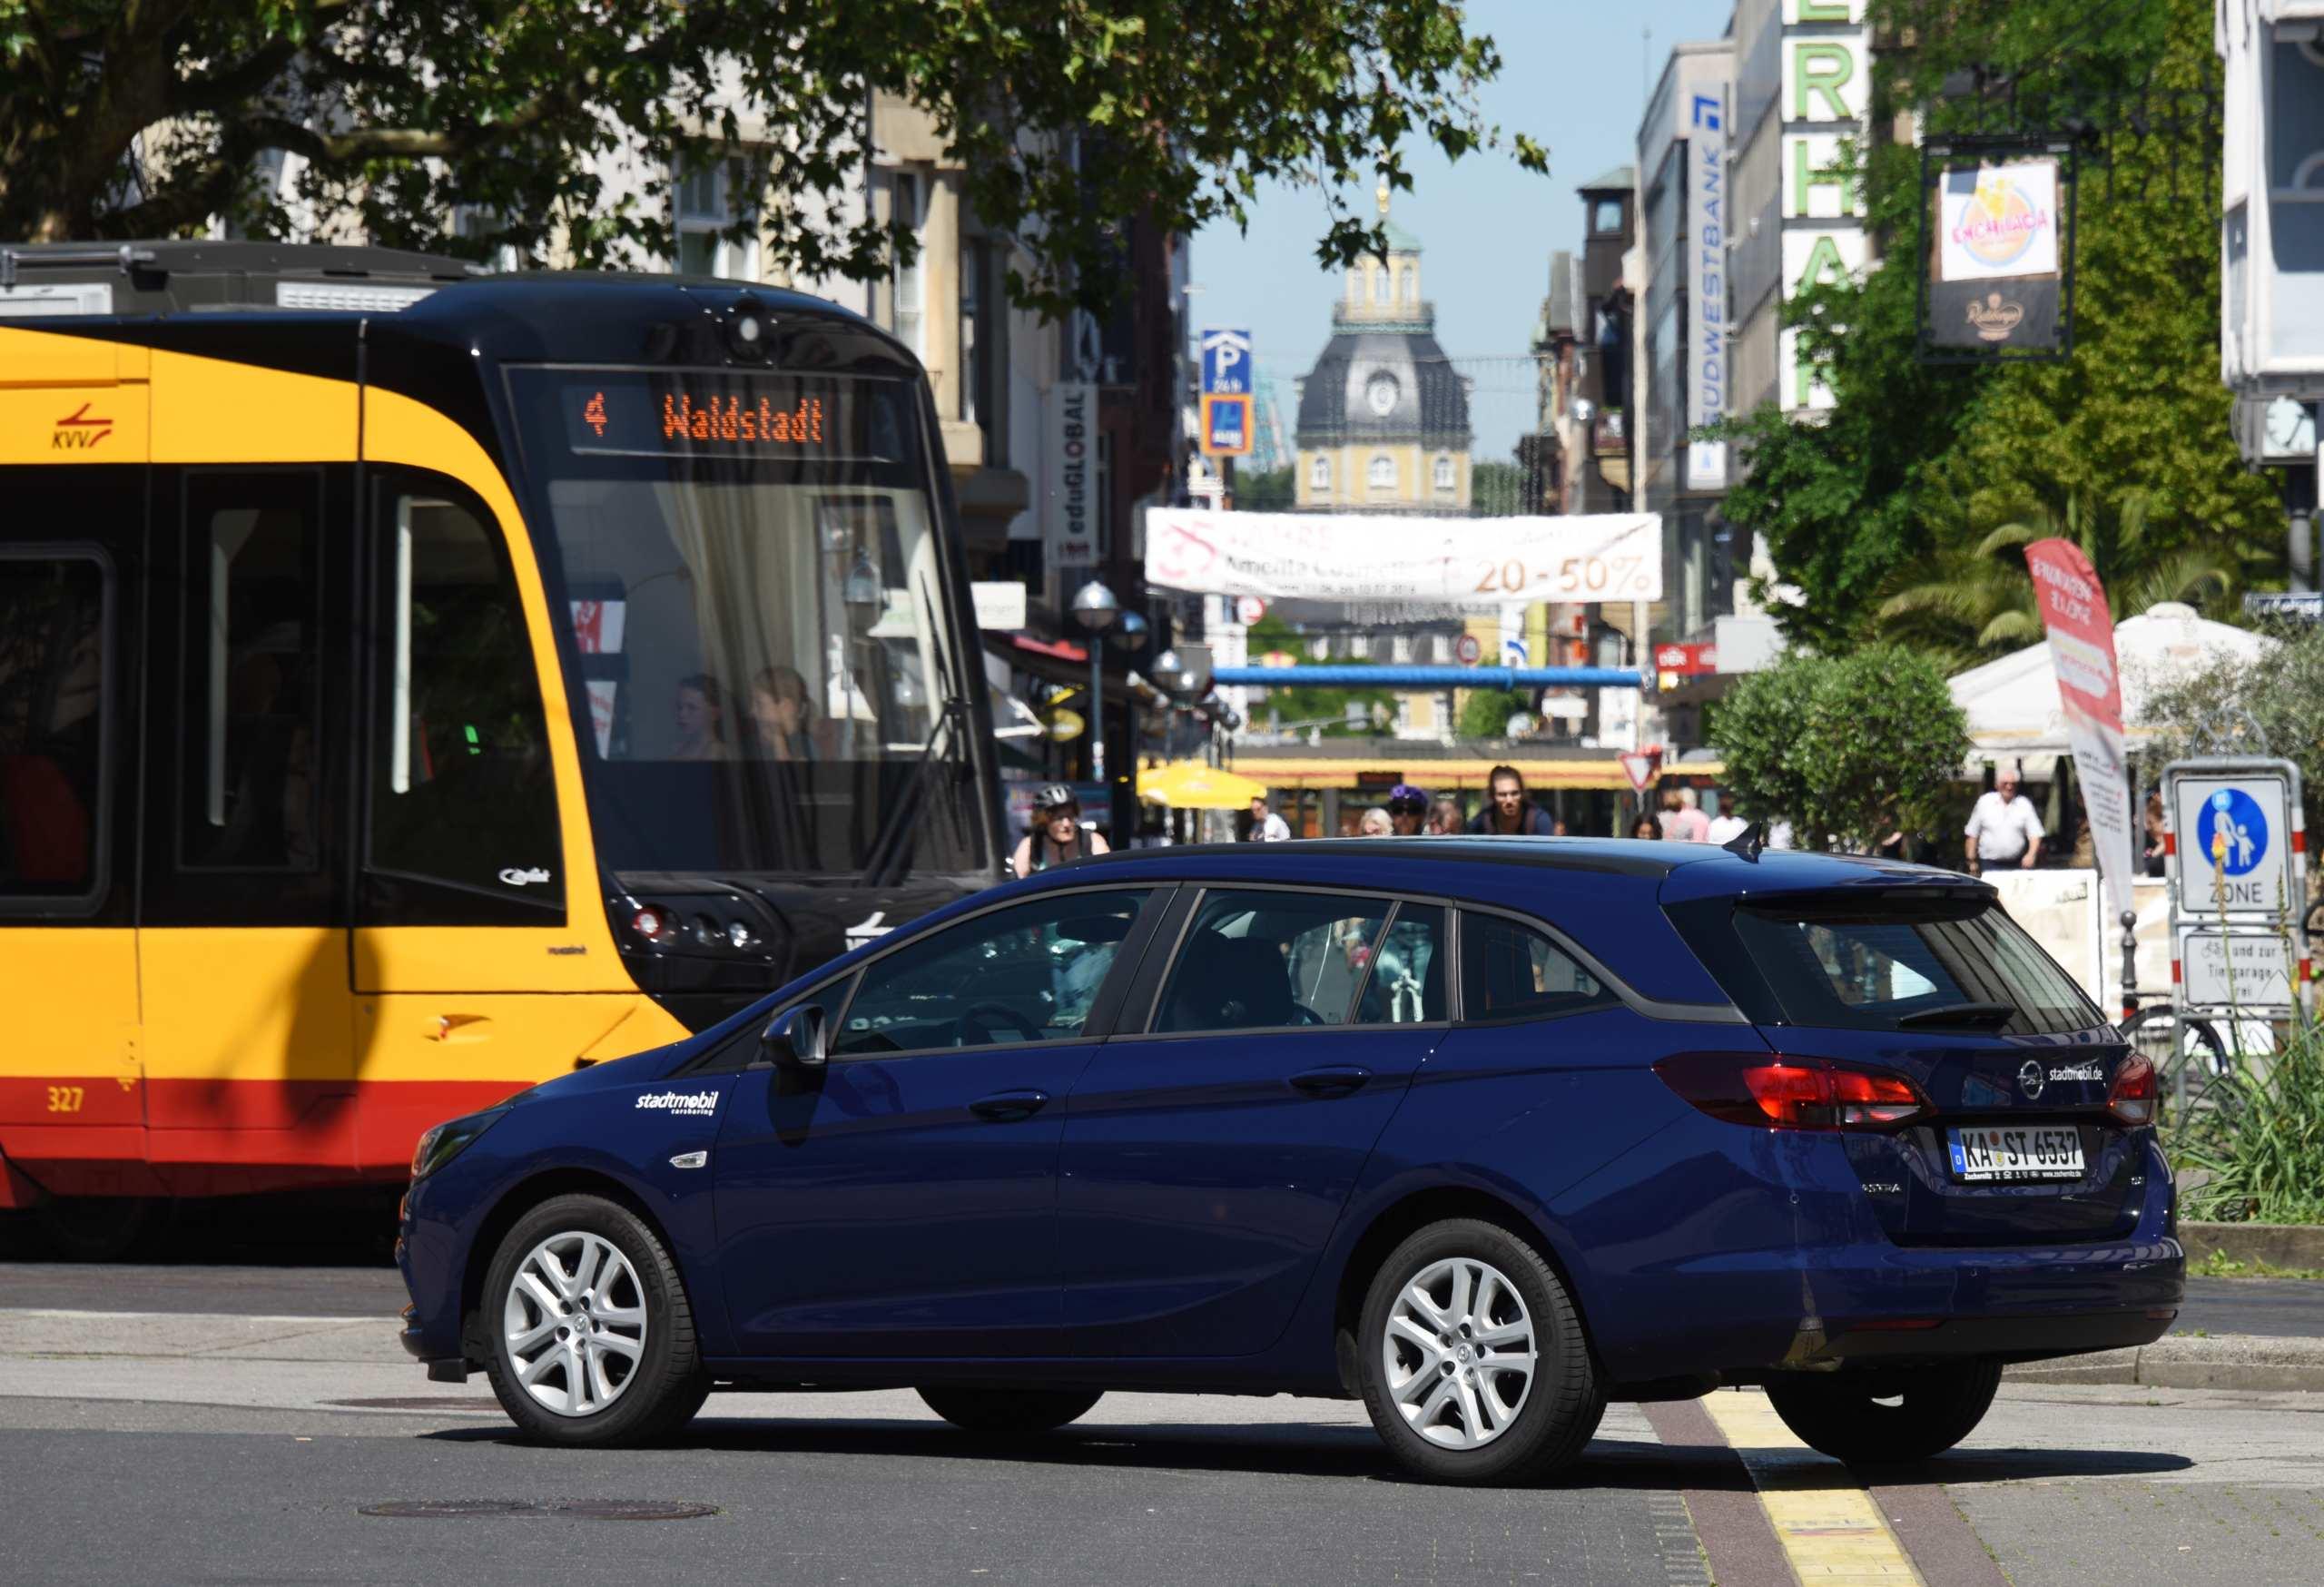 Opel von Stadtmobil in Karlsruhe